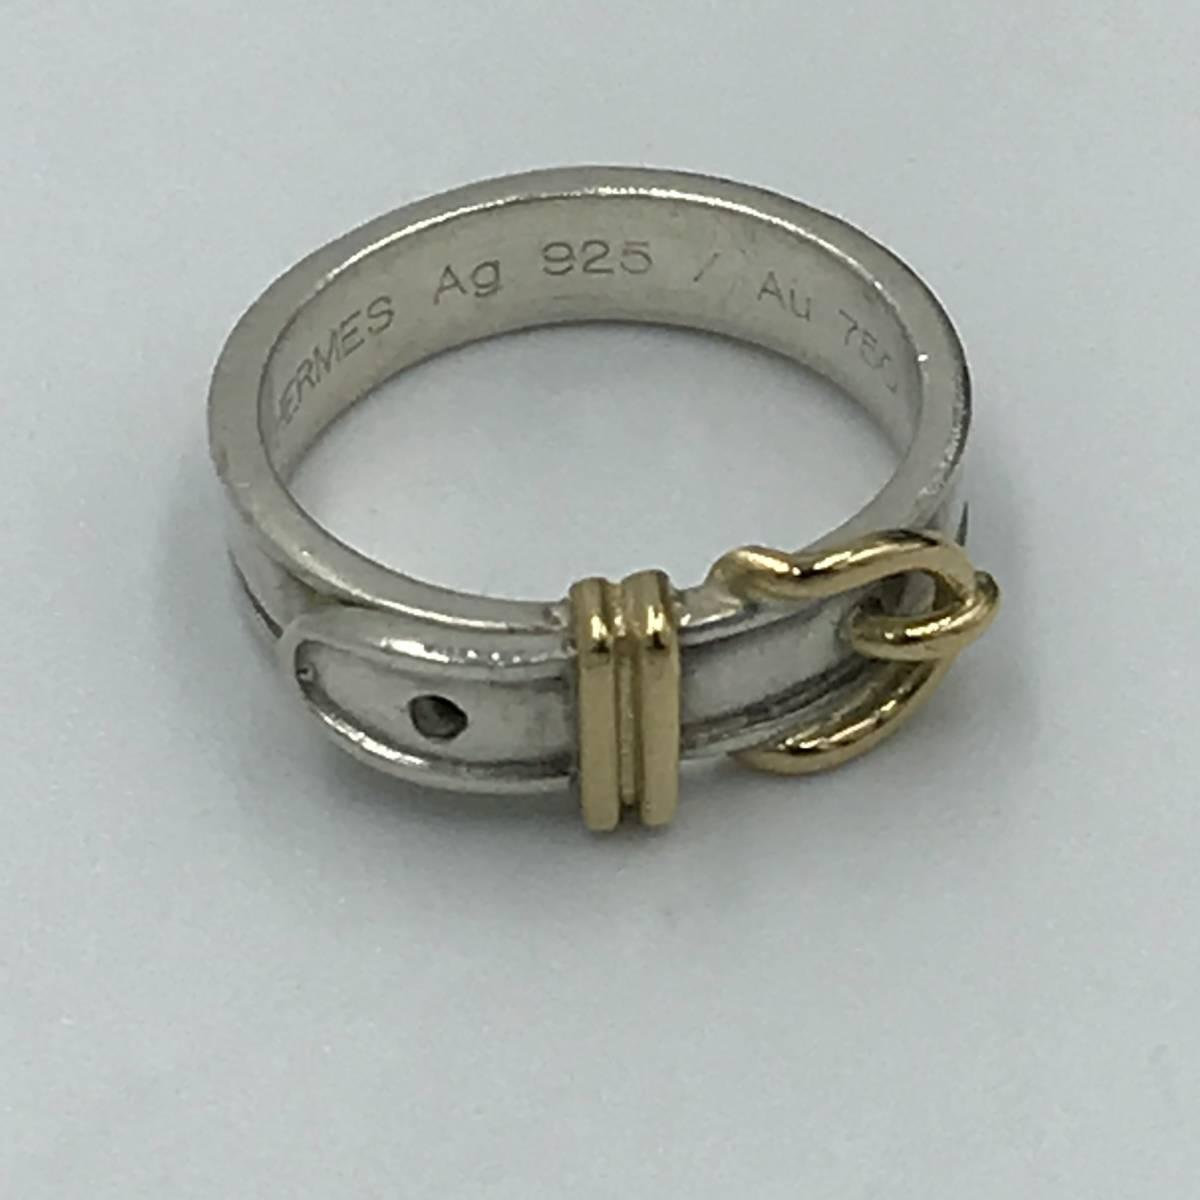 【 1円スタート 】HERMES エルメス ベルトモチーフ リング 指輪 SV925 AU750 ( K18 ) 52 サイズ # 12